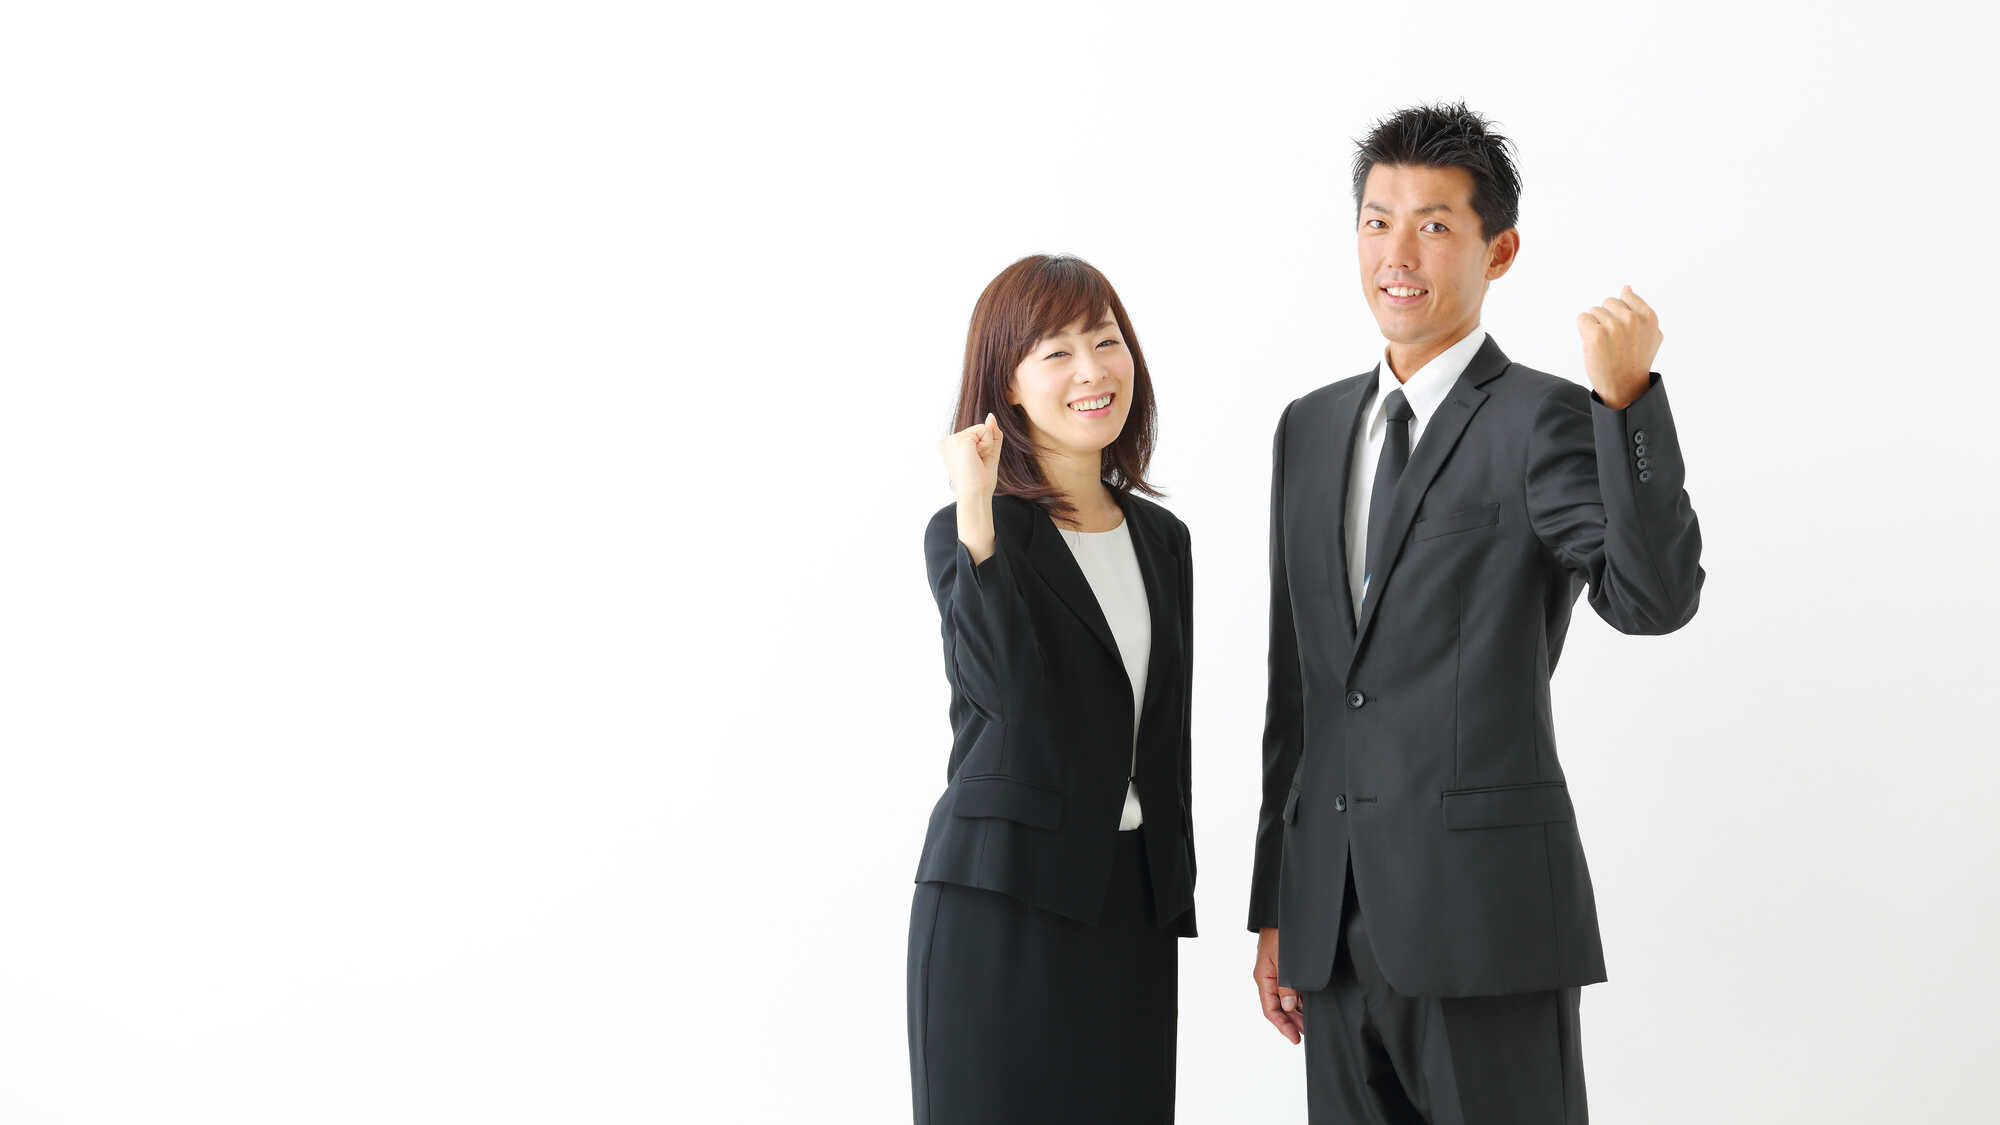 企業や組織に「個性主義から人格主義」へのシフトが求められている